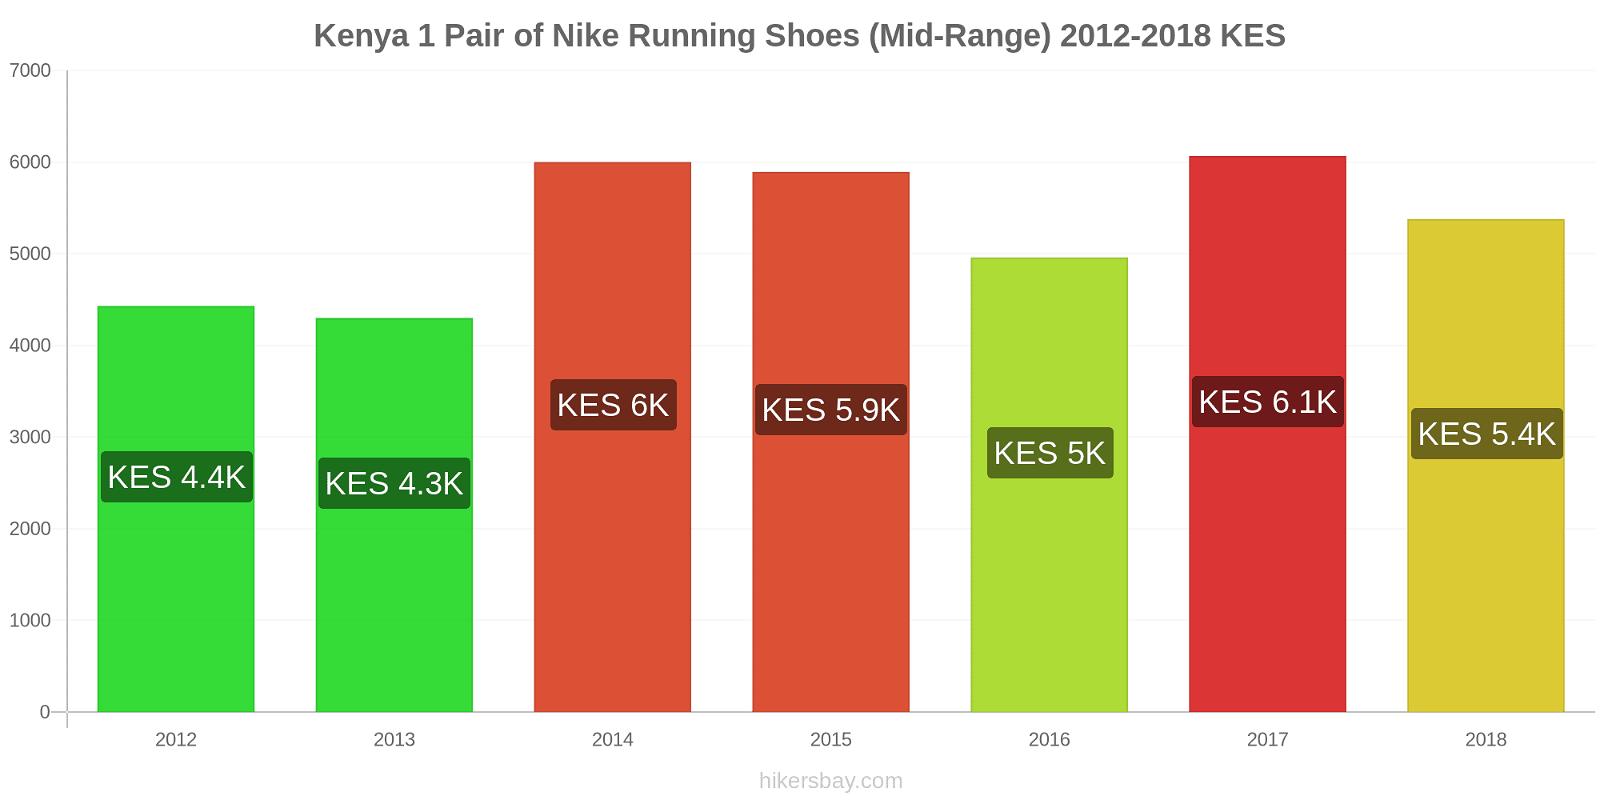 Kenya price changes 1 Pair of Nike Running Shoes (Mid-Range) hikersbay.com